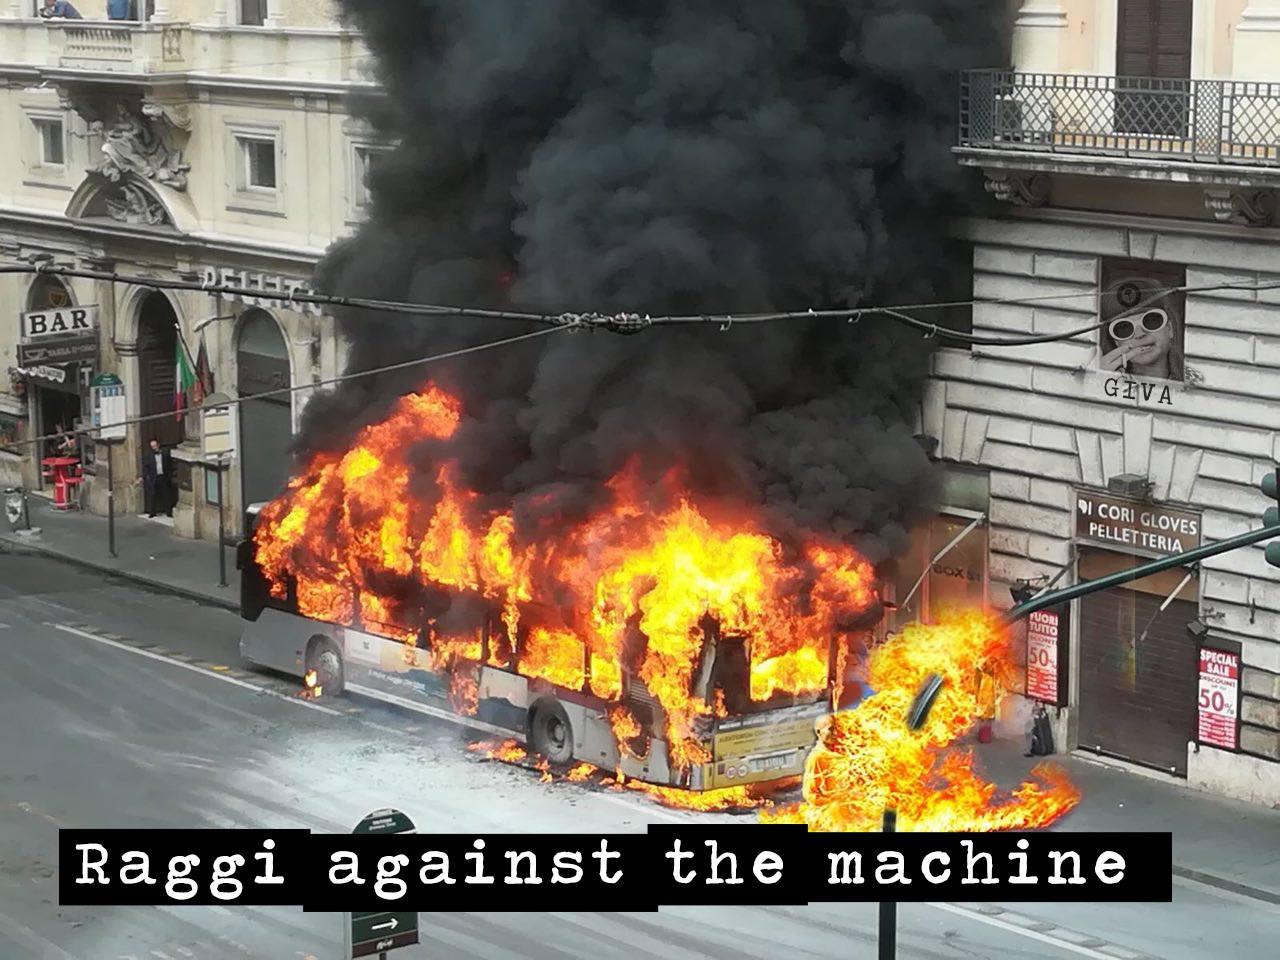 flambus atac via tritone esplosione cause - 1